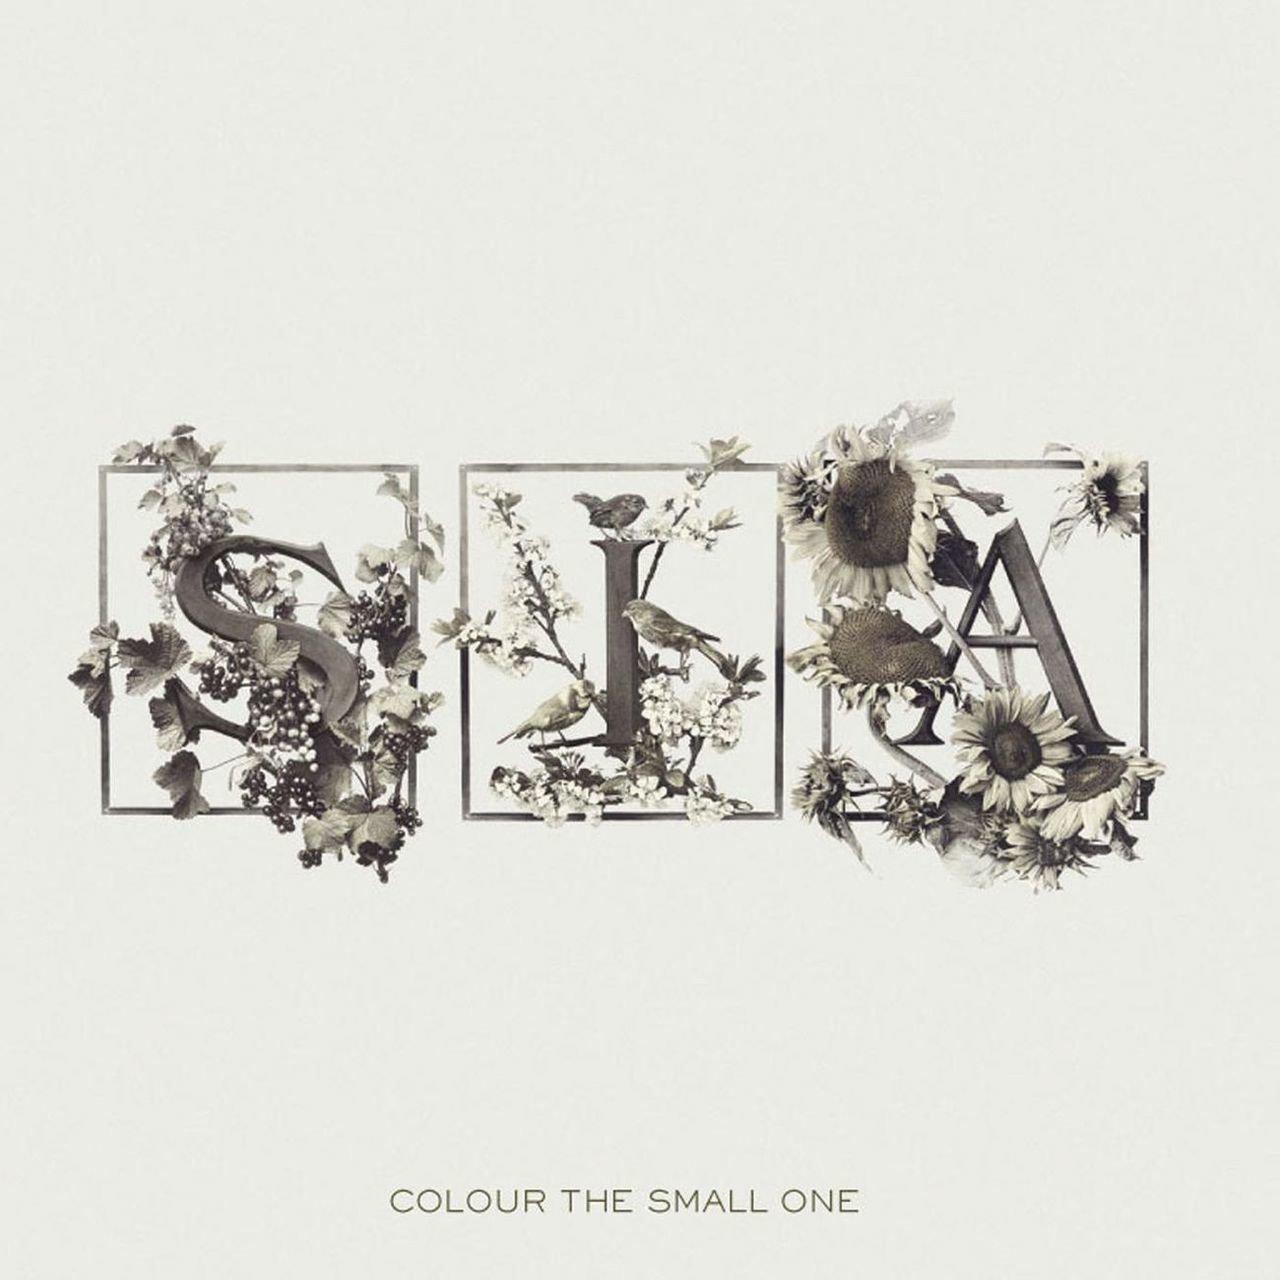 SIA - Colour The Small One [LP] - Amazon.com Music